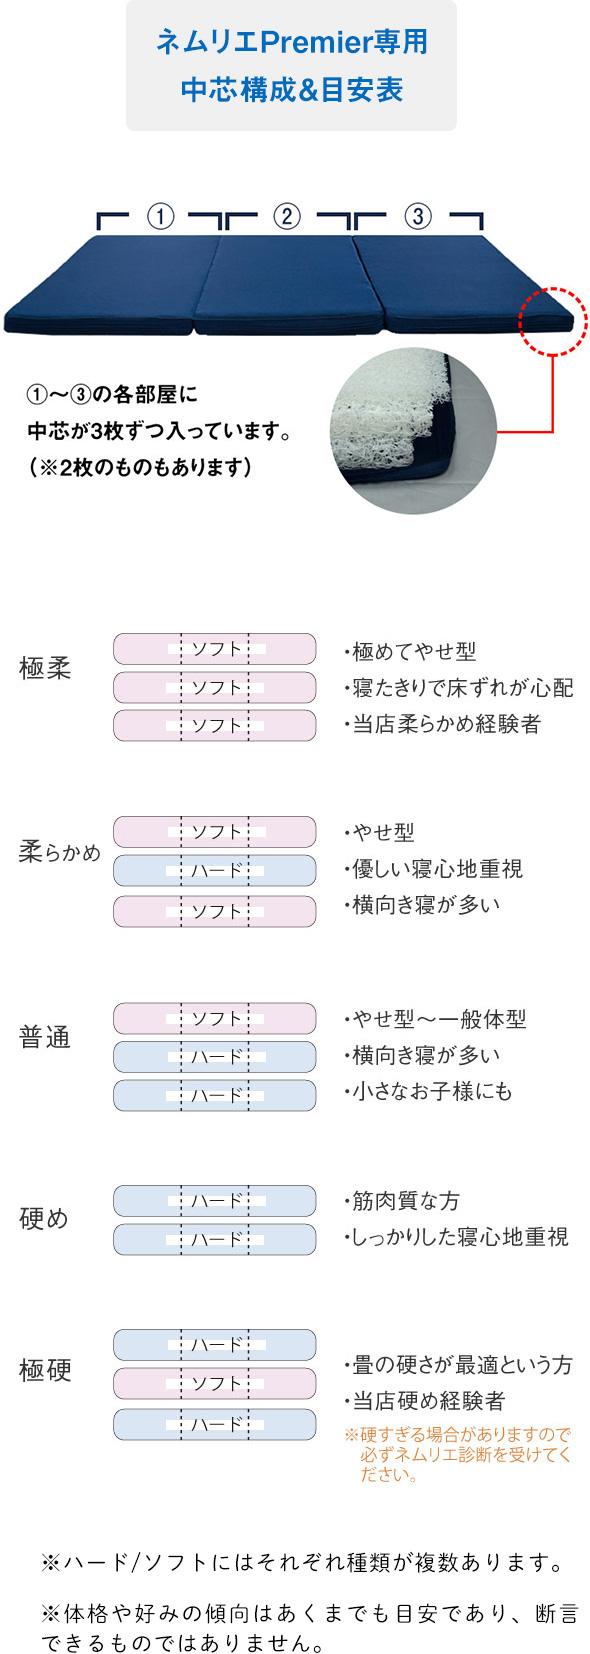 ネムリエシリーズ敷布団プレミア構成表